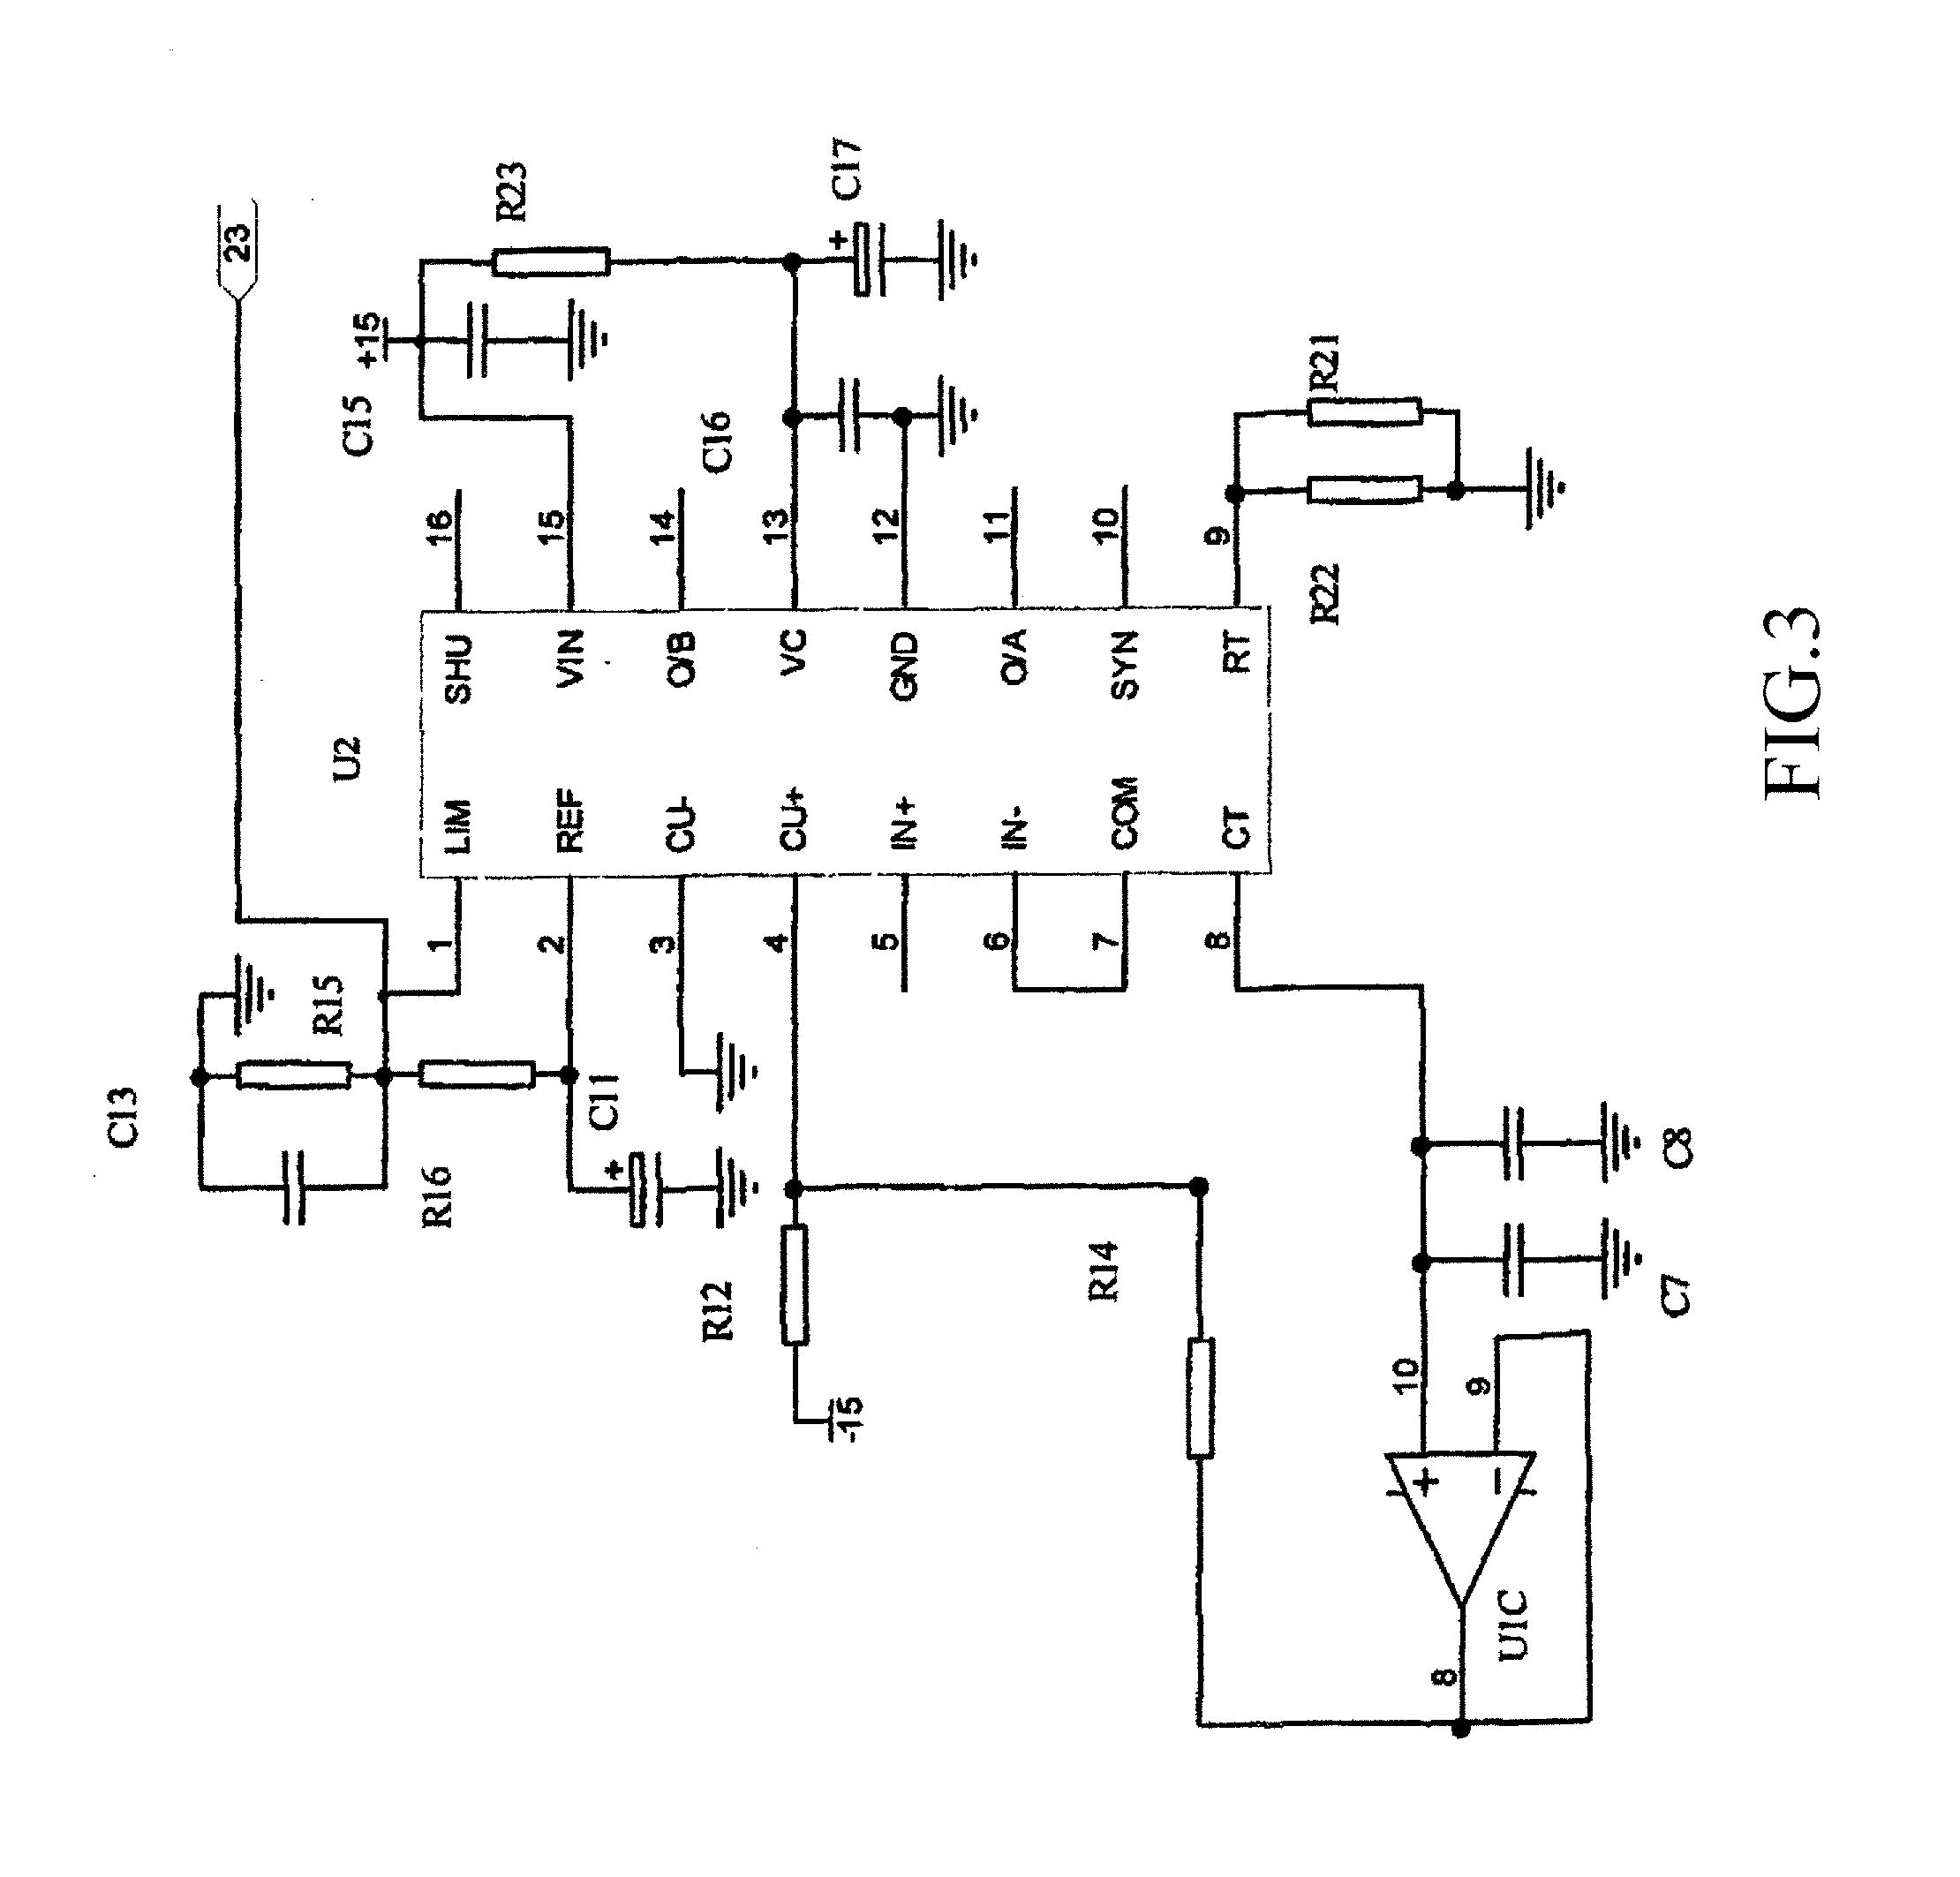 Welder Inverter Circuit Diagram